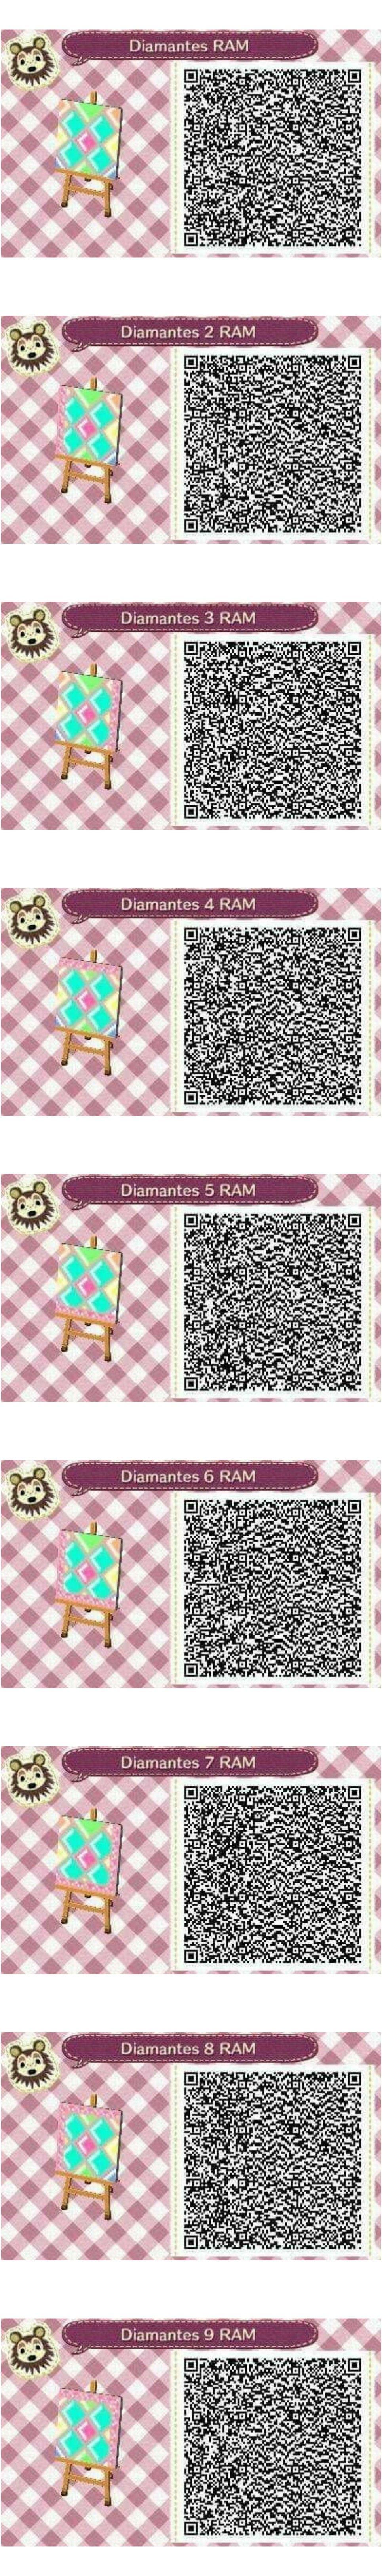 Este es un QR Code para Animal Crossing creado por mí misma. Como podéis observar es un corazón